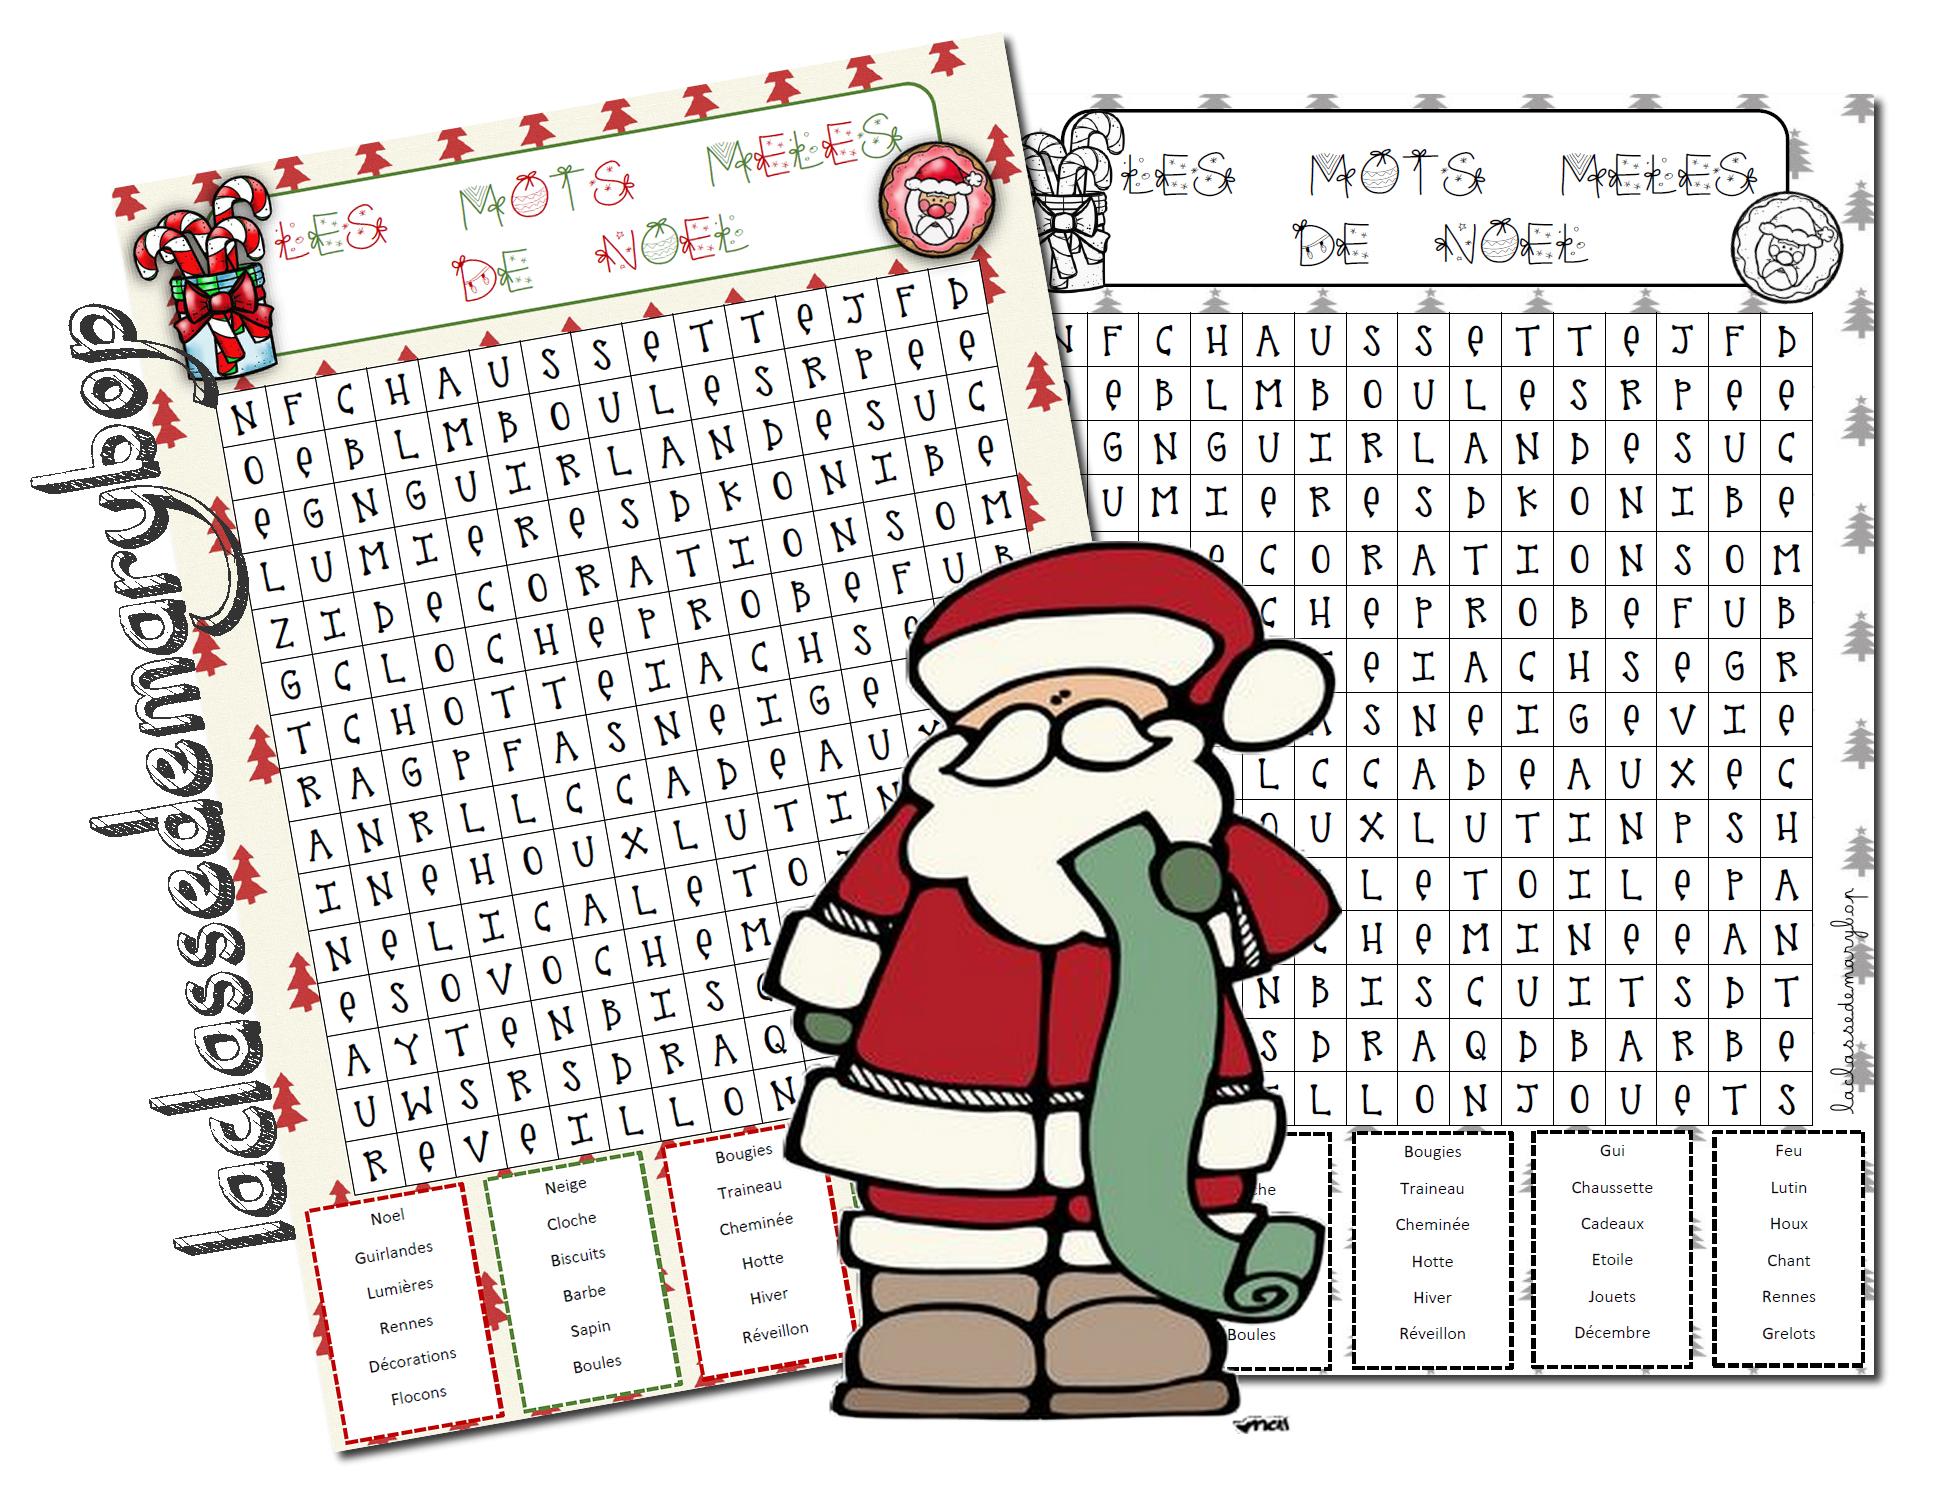 Mots Mêlés De Noel Cycle 3 - La Classe De Marybop avec Mots Croisés Noel